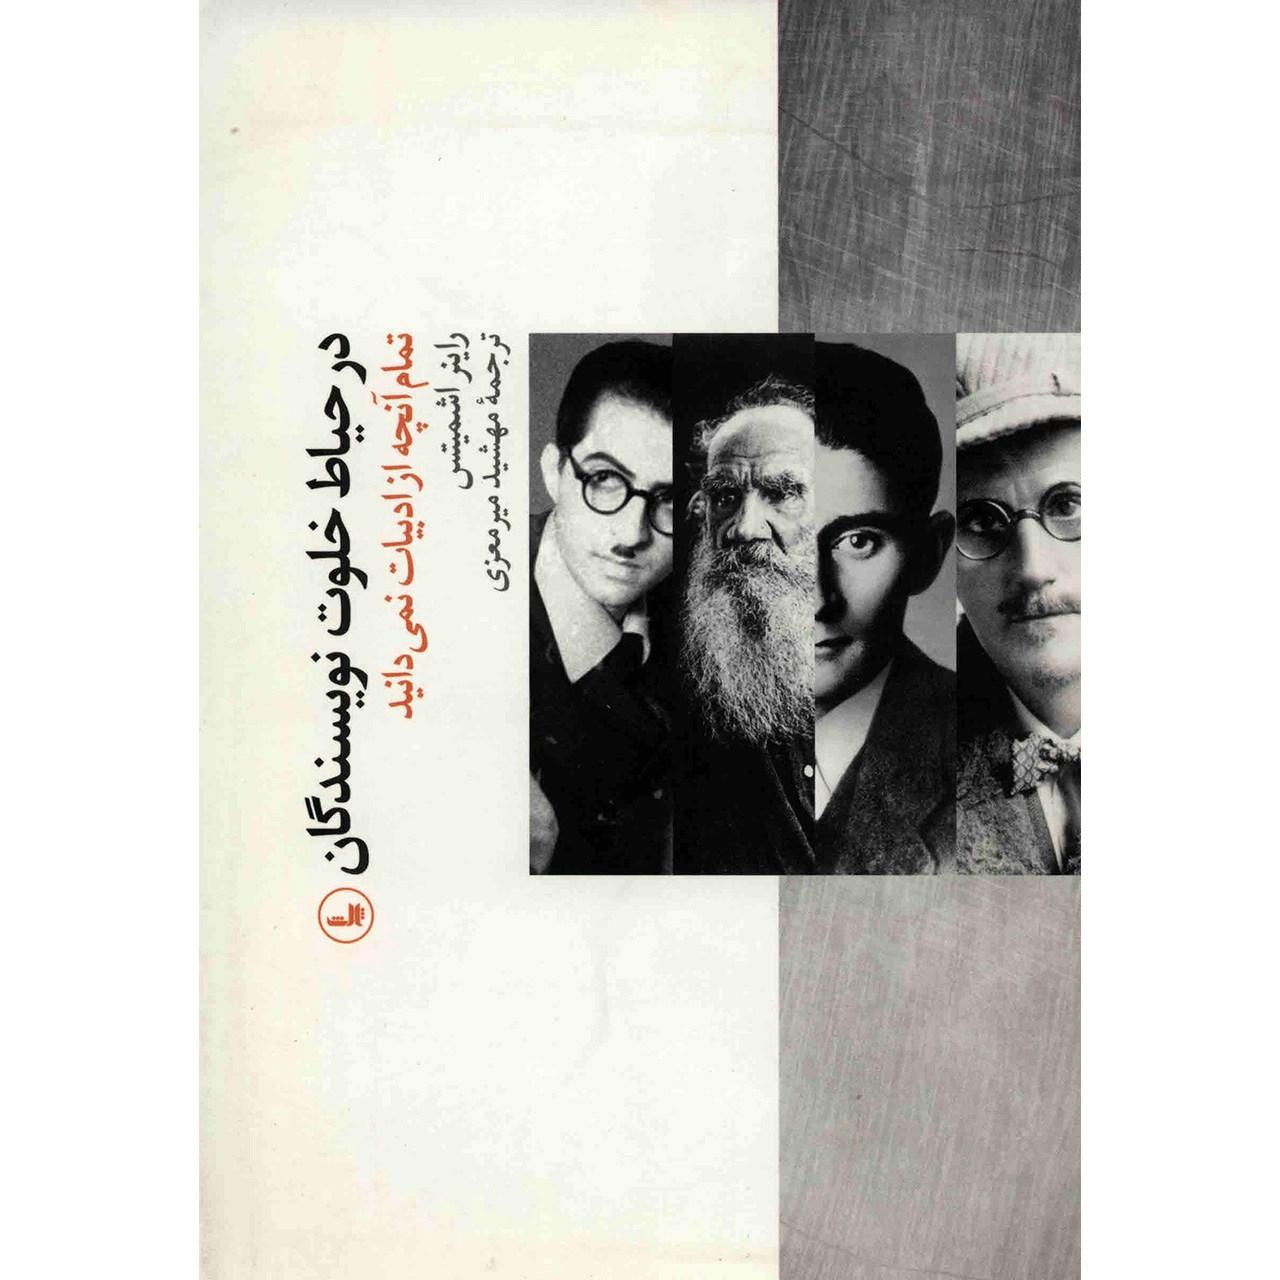 کتاب در حیاط خلوت نویسندگان اثر راینر اشمیتس